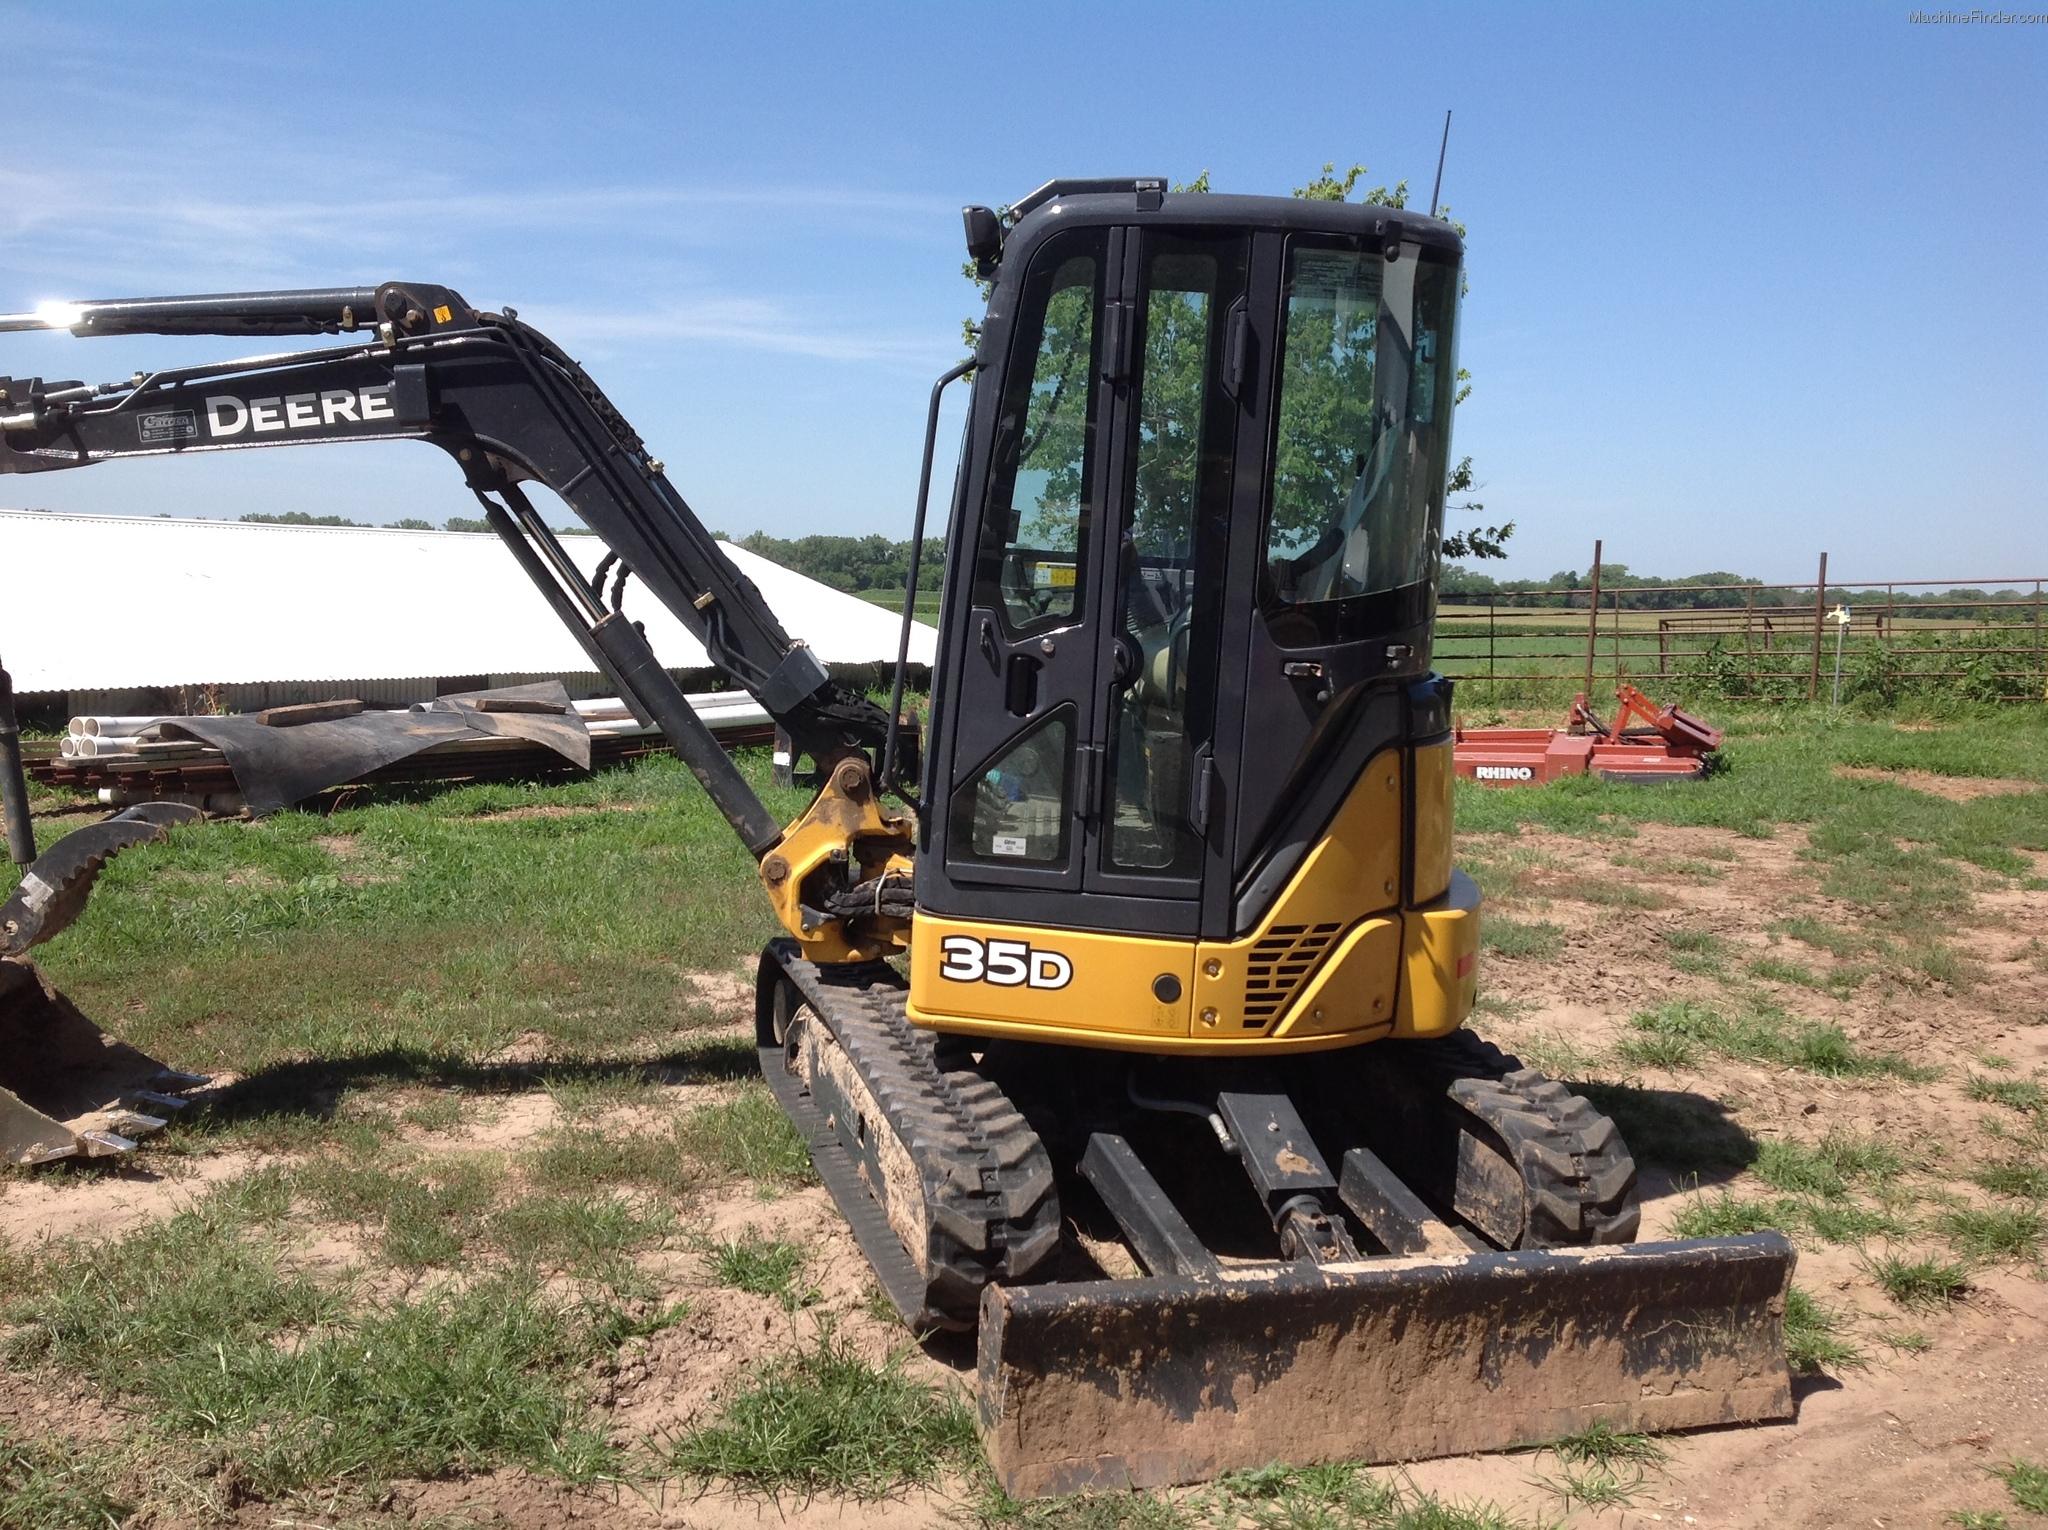 2012 John Deere 35D Compact Excavator - John Deere ...